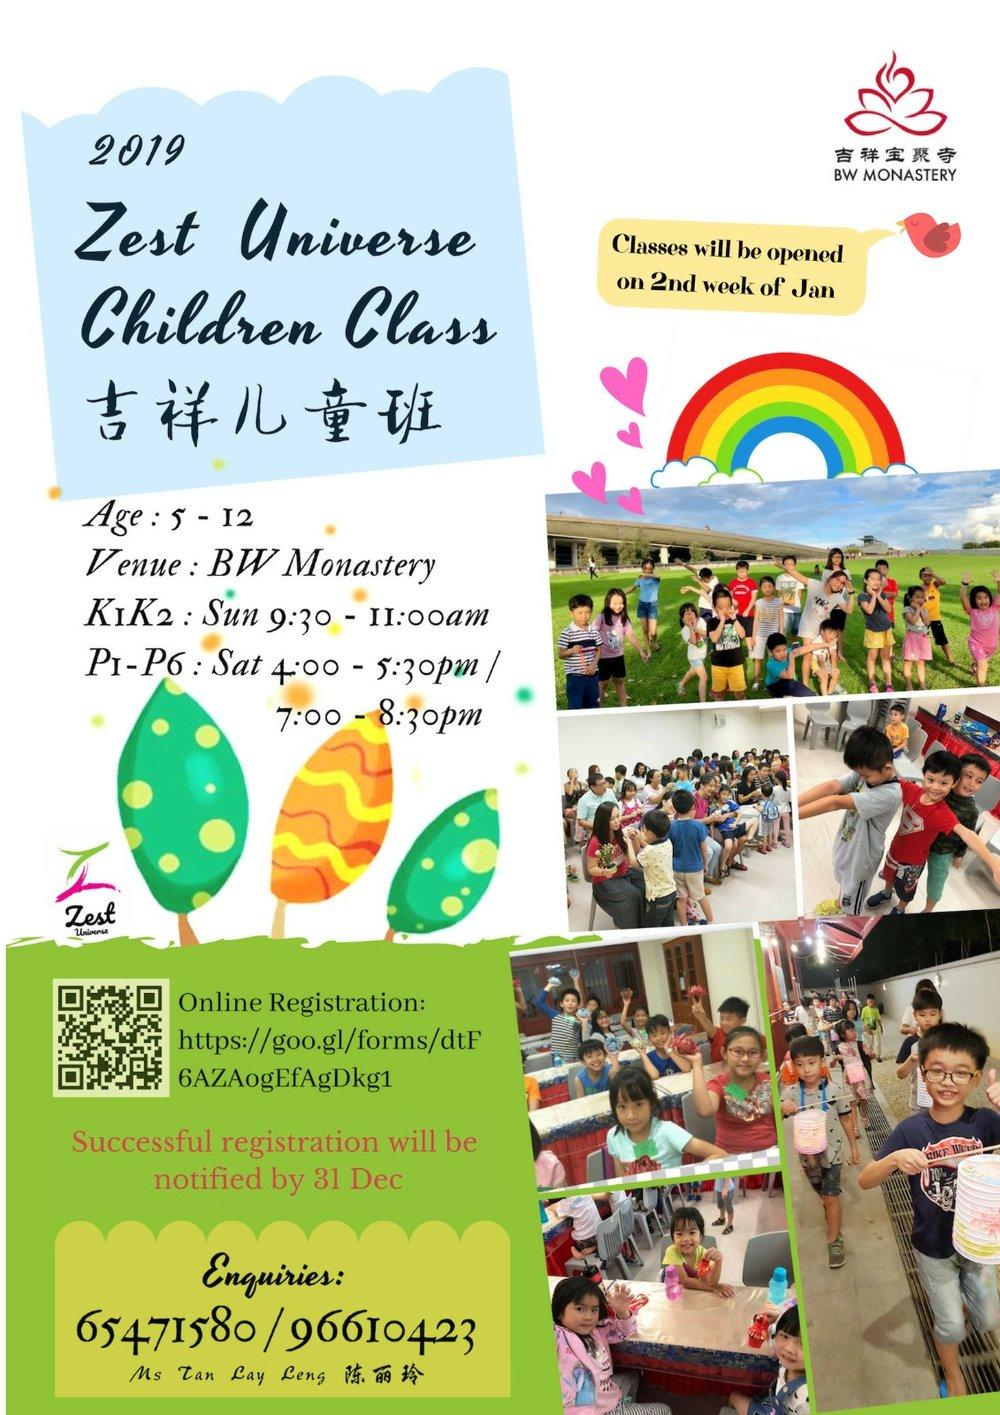 2019 Zest Universe Children Class.jpeg